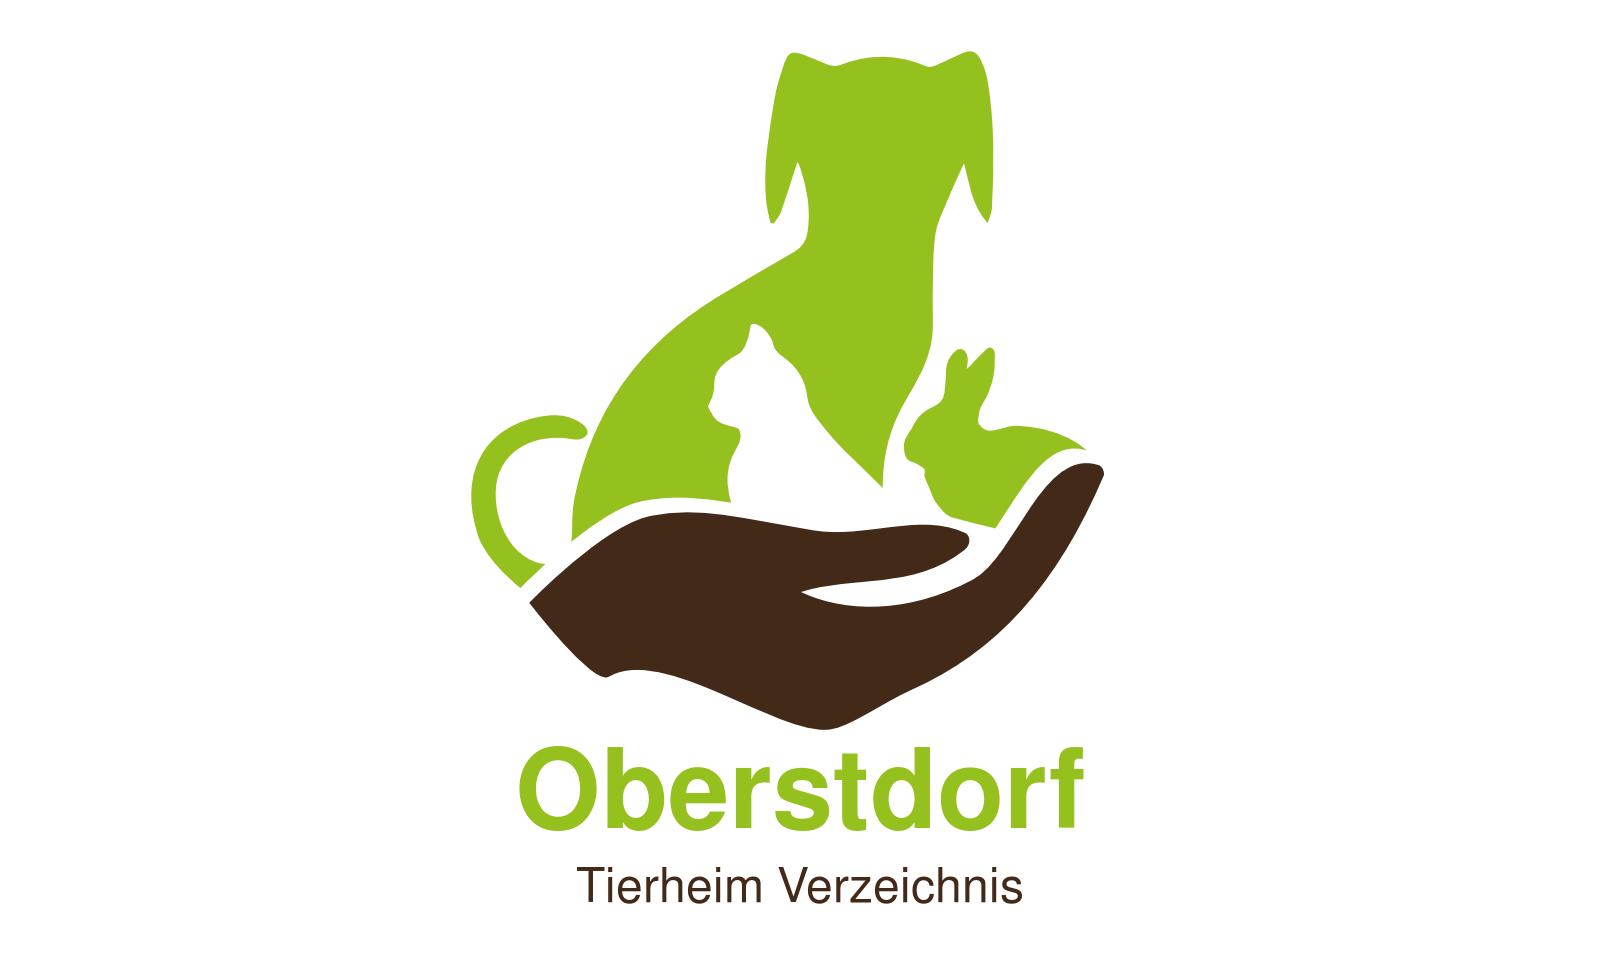 Tierheim Oberstdorf